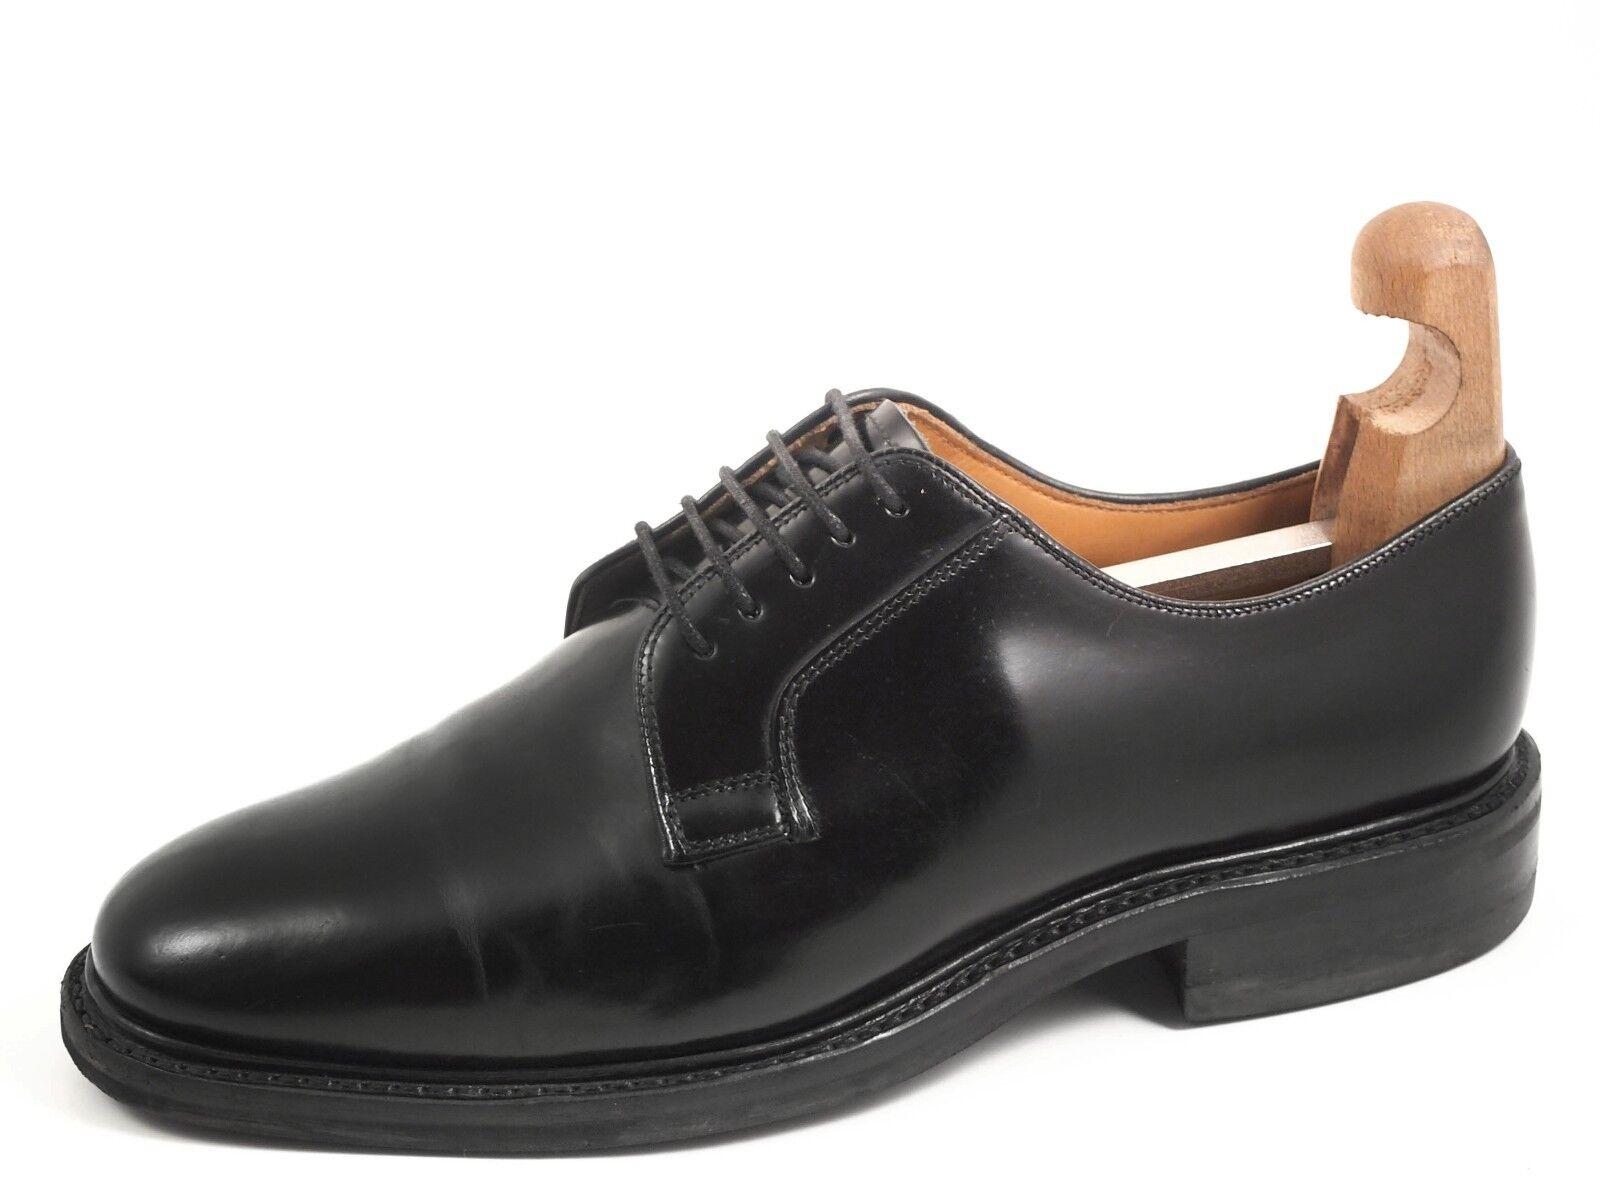 Charless Charless Charless Tyrwhitt oxfords, schwarz leather, herren schuhe Größe US 8 EU 41 3fdf42